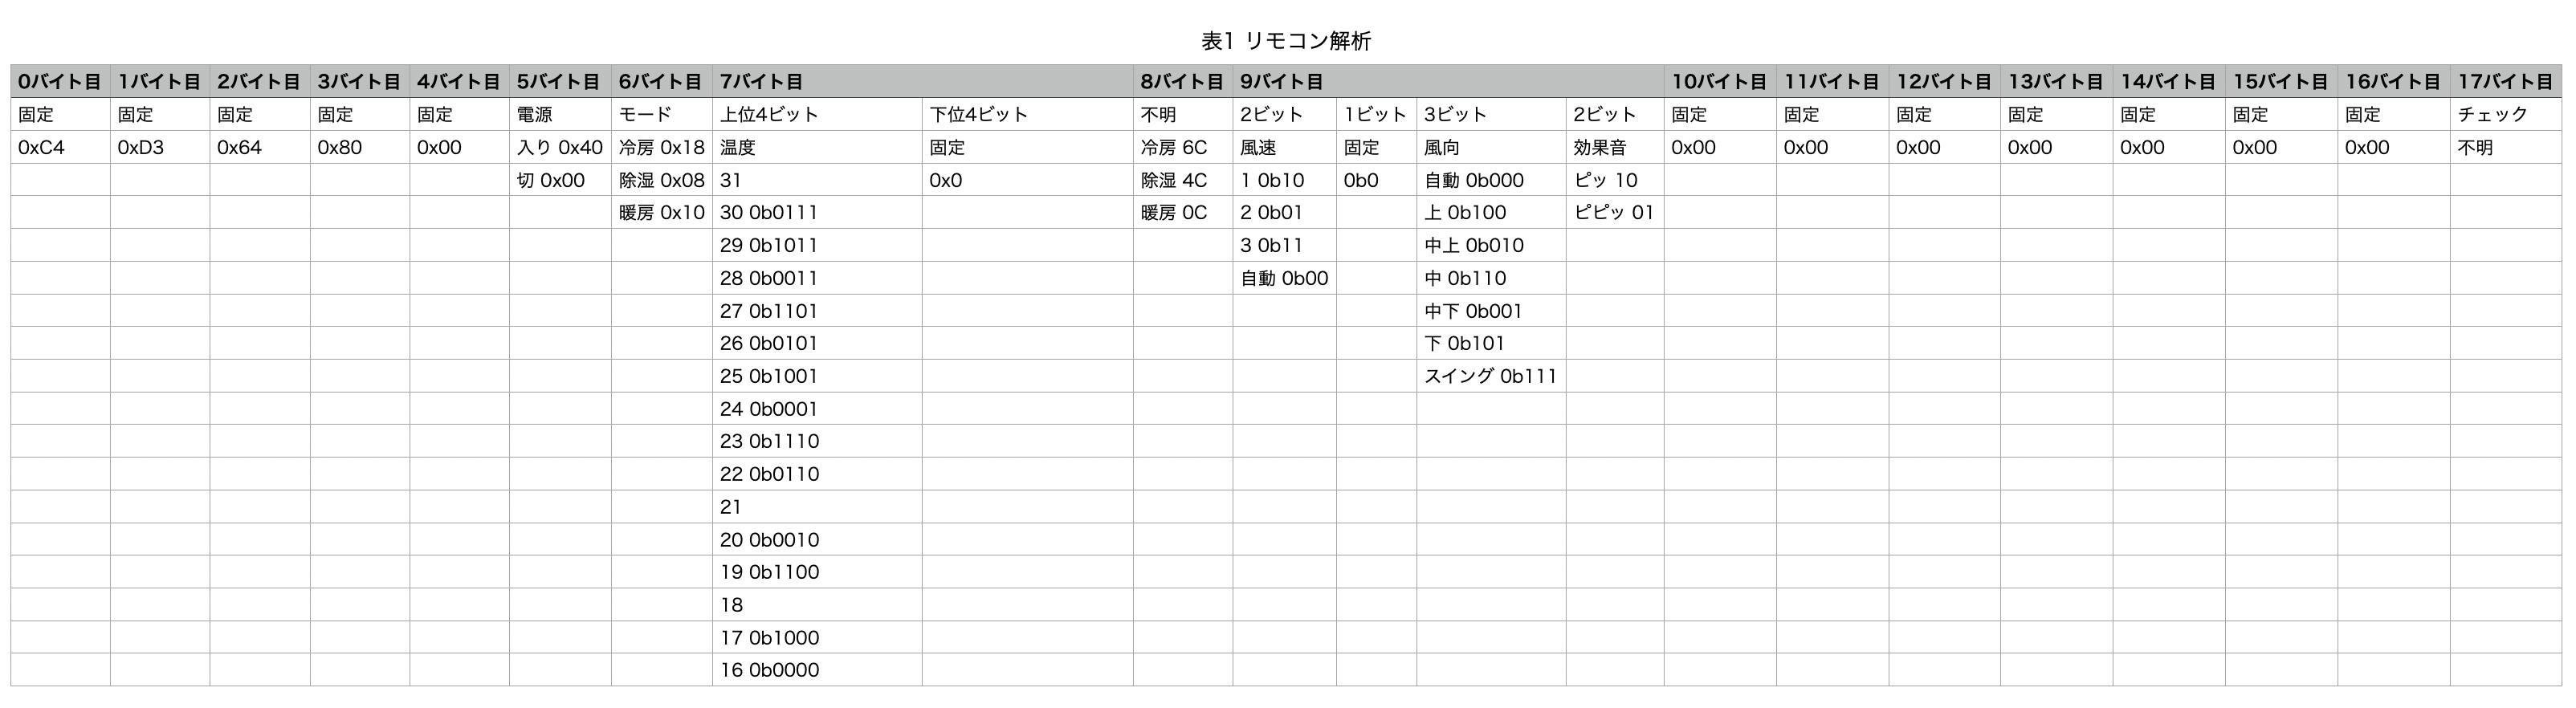 スクリーンショット 2020-08-15 14.37.48.png